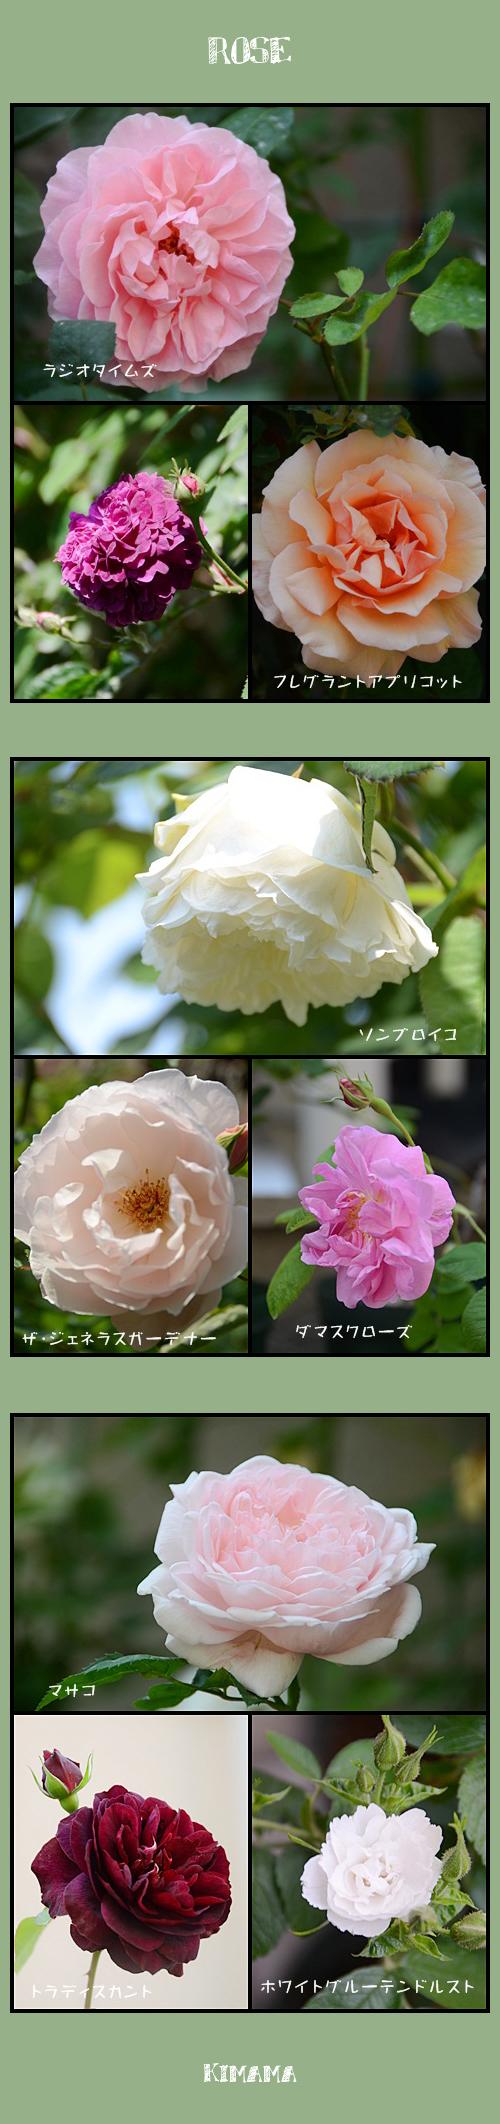 5月14日薔薇1